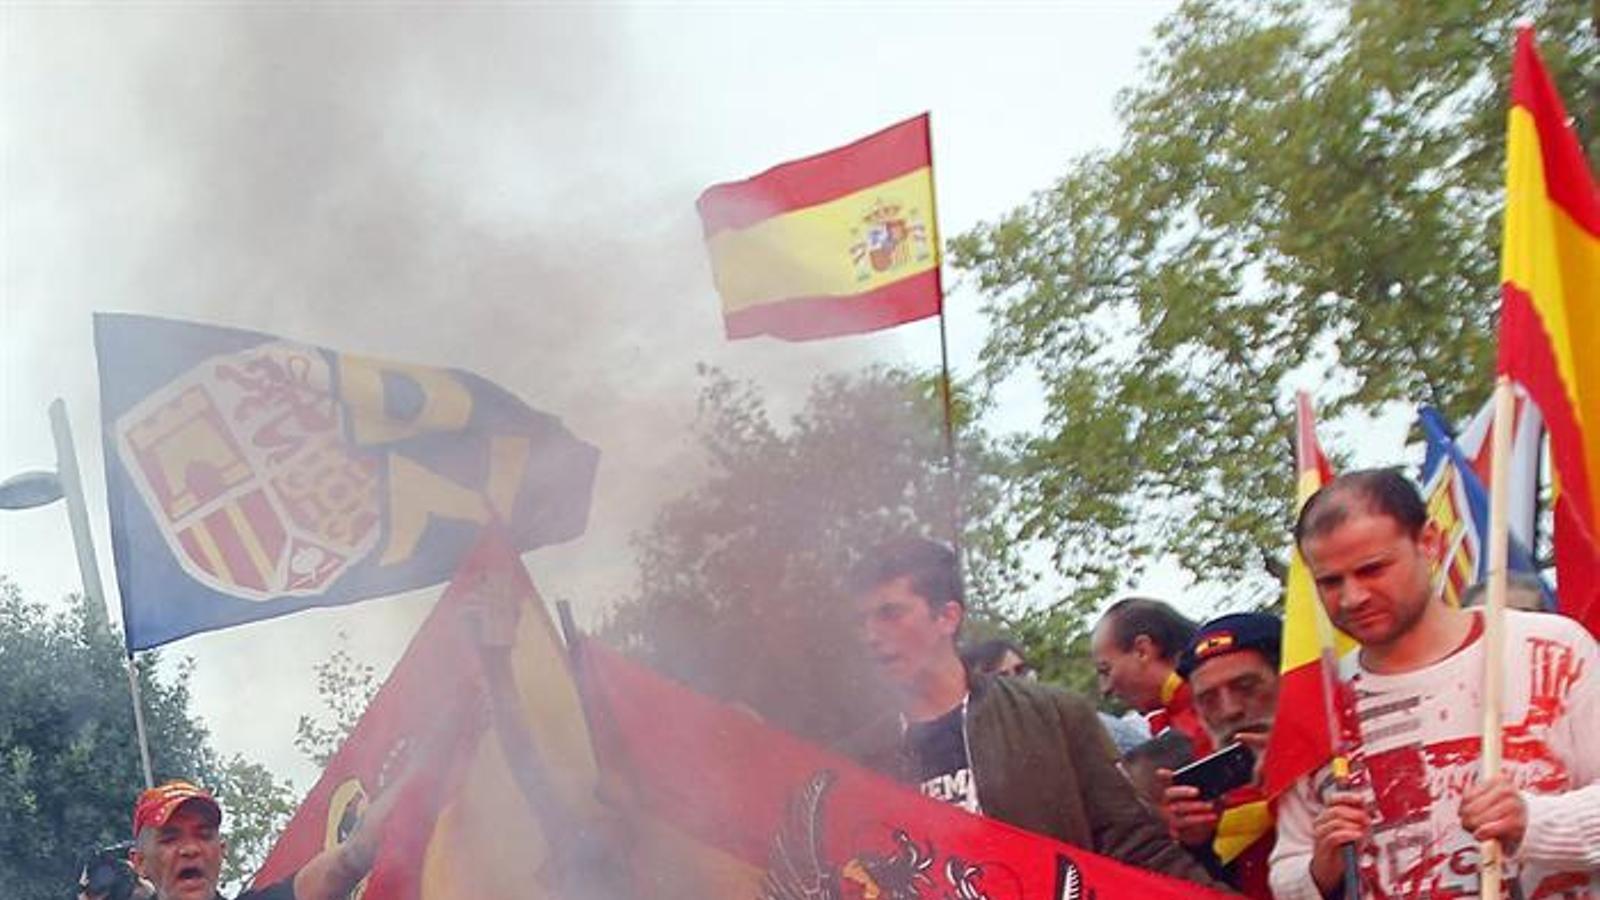 A la manifestació de la ultradreta s'han cremat estelades / ALBERTO ESTÉVEZ / EFE